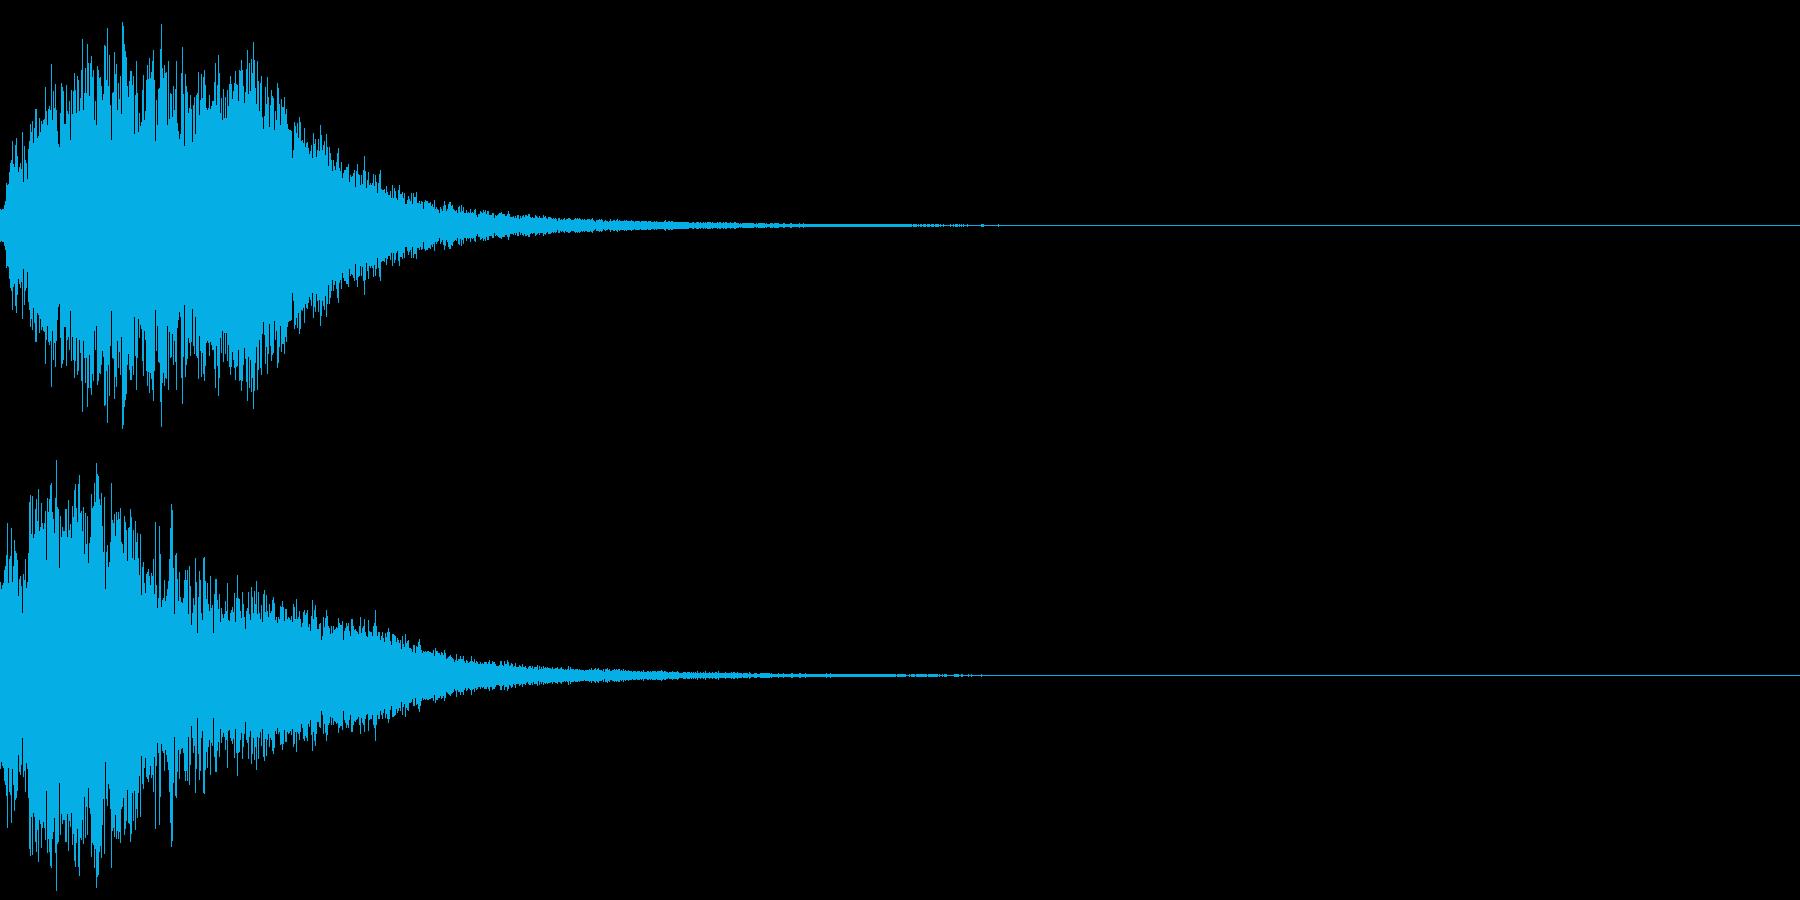 シャキーン(魔法、星、光の輝きに)6CVの再生済みの波形